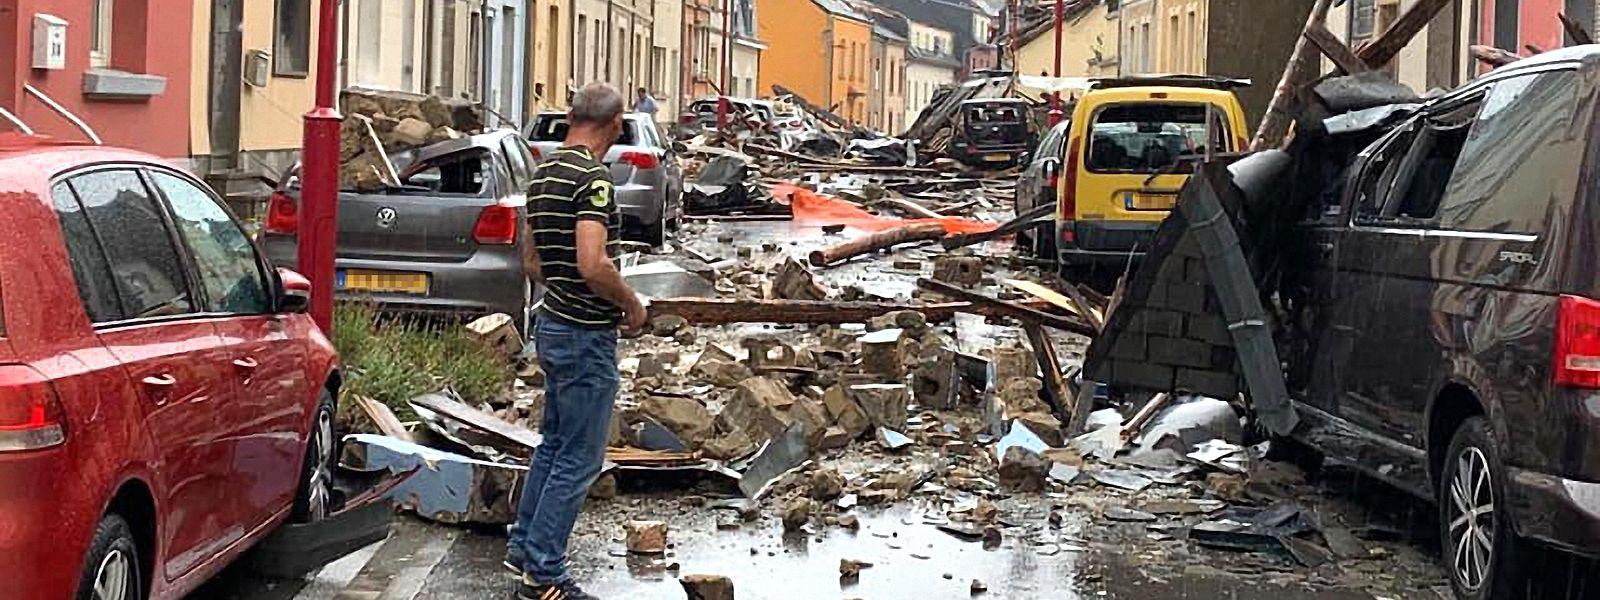 Les assureurs ont remboursé moins que les 100 millions d'euros de dégâts estimés au lendemain de la catastrophe. Mais la solidarité privée a compensé.